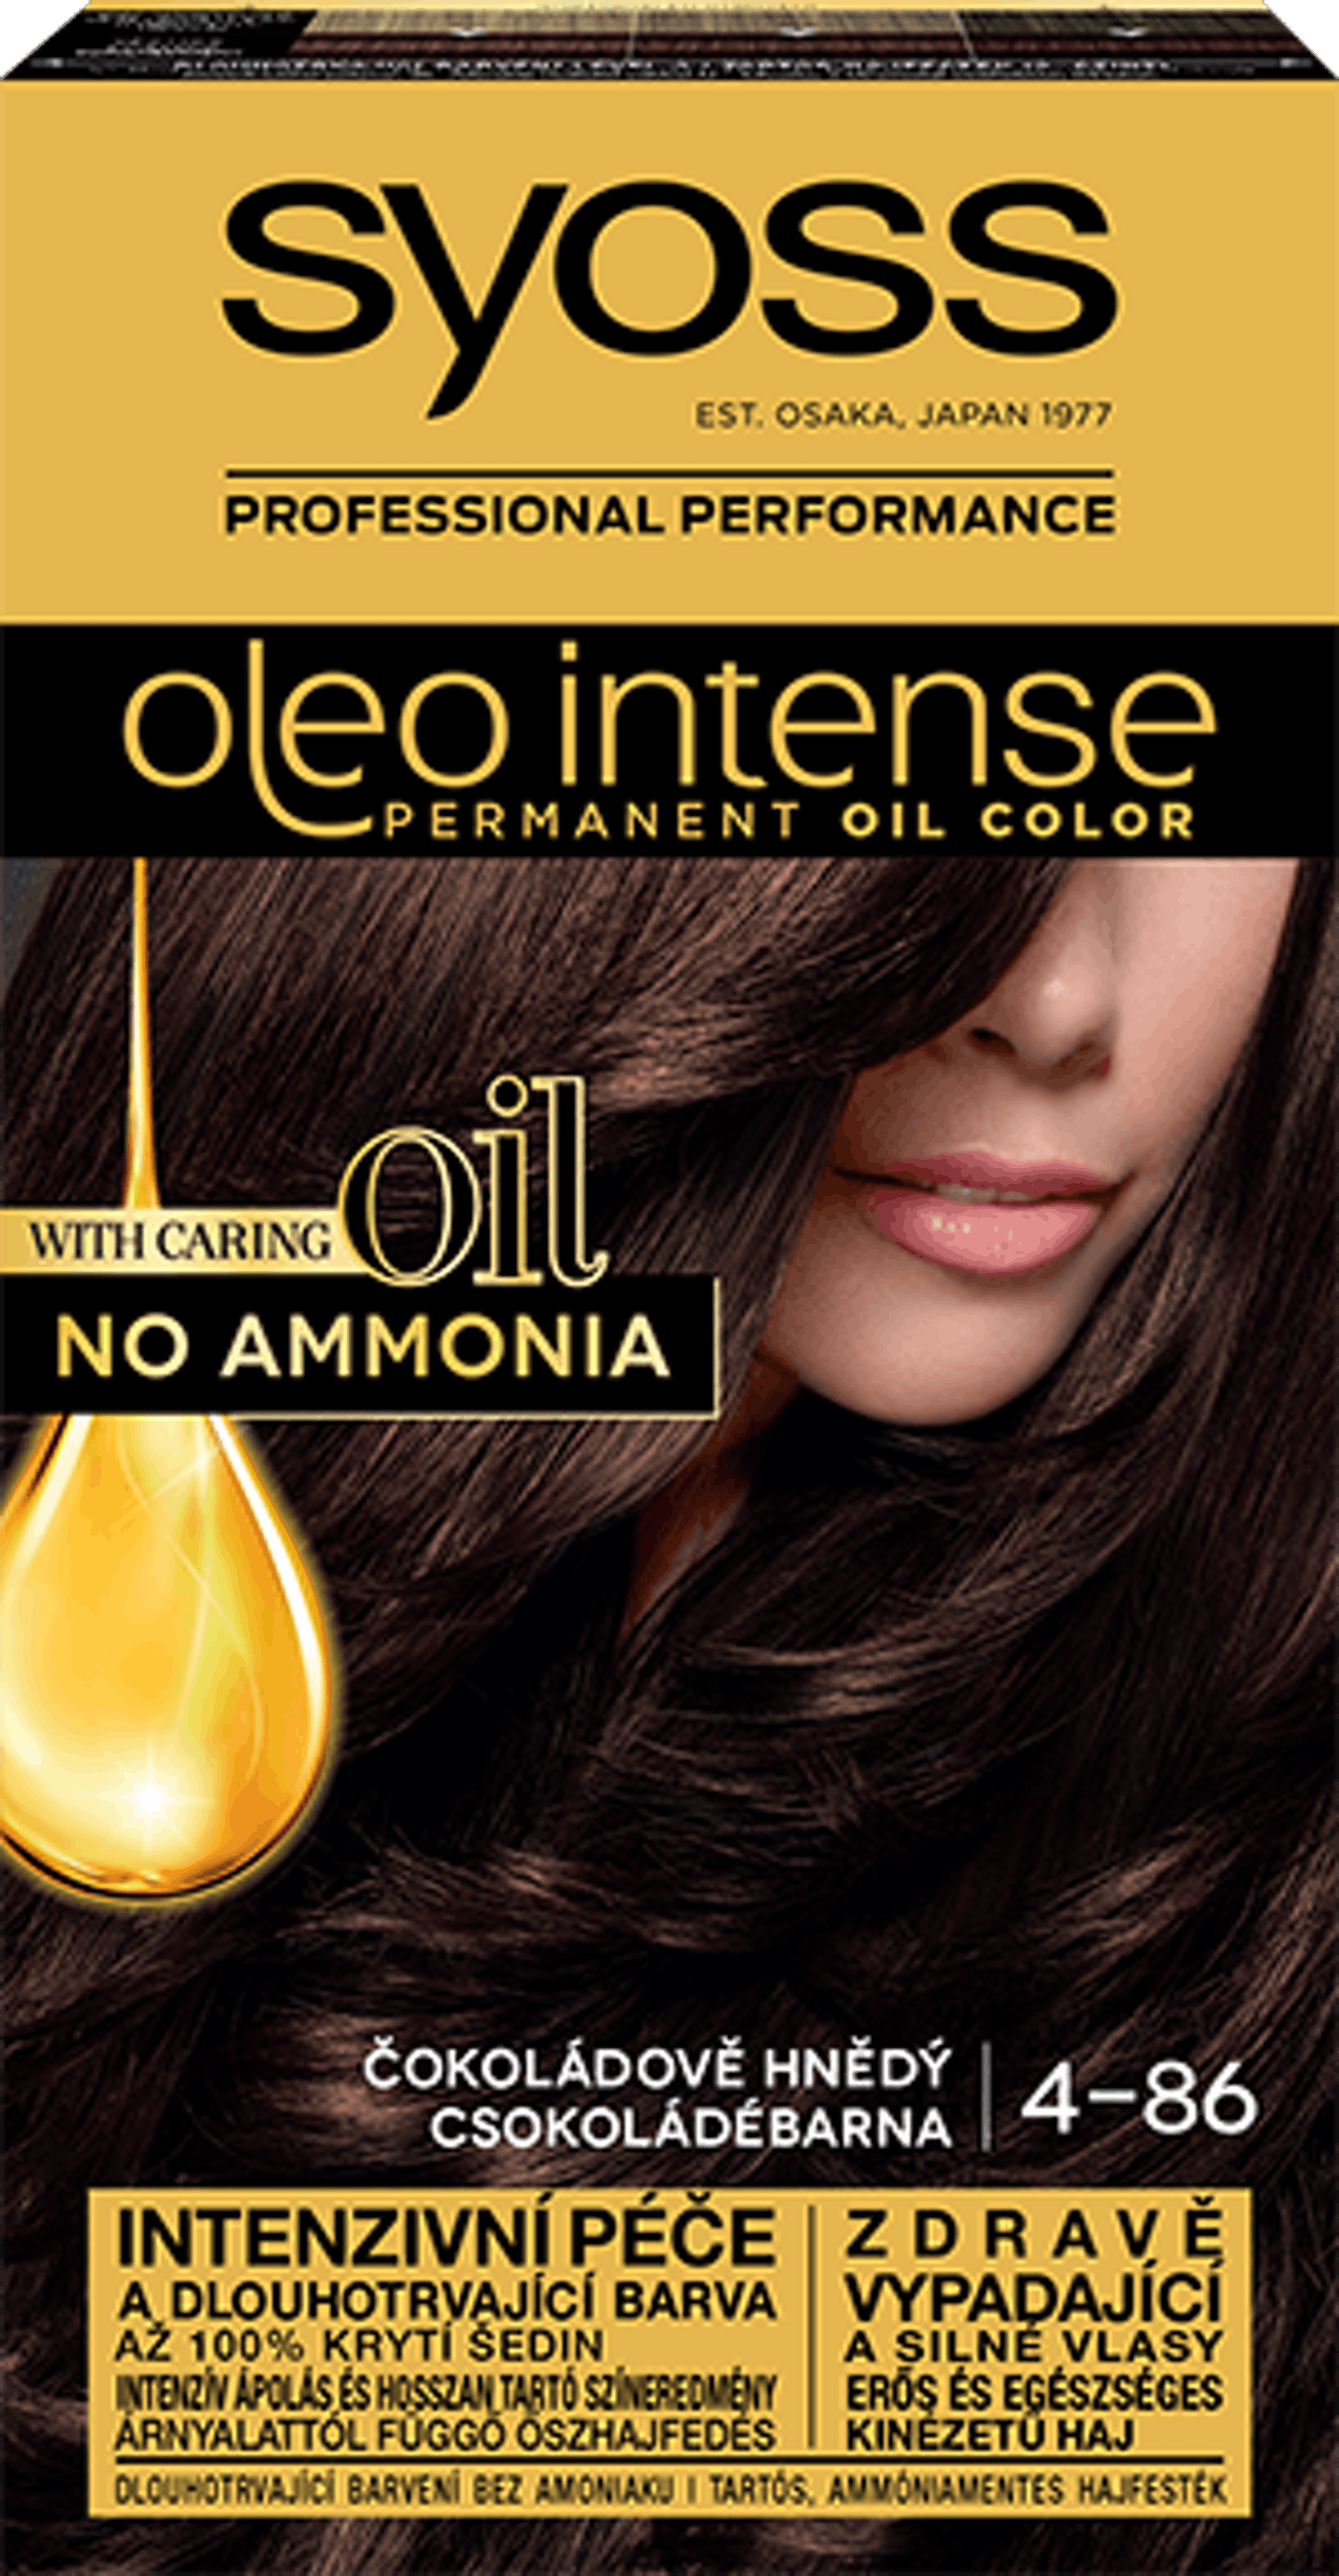 Oleo intense vopsea permanentă cu ulei - nuanta șaten ciocolatiu 4-86